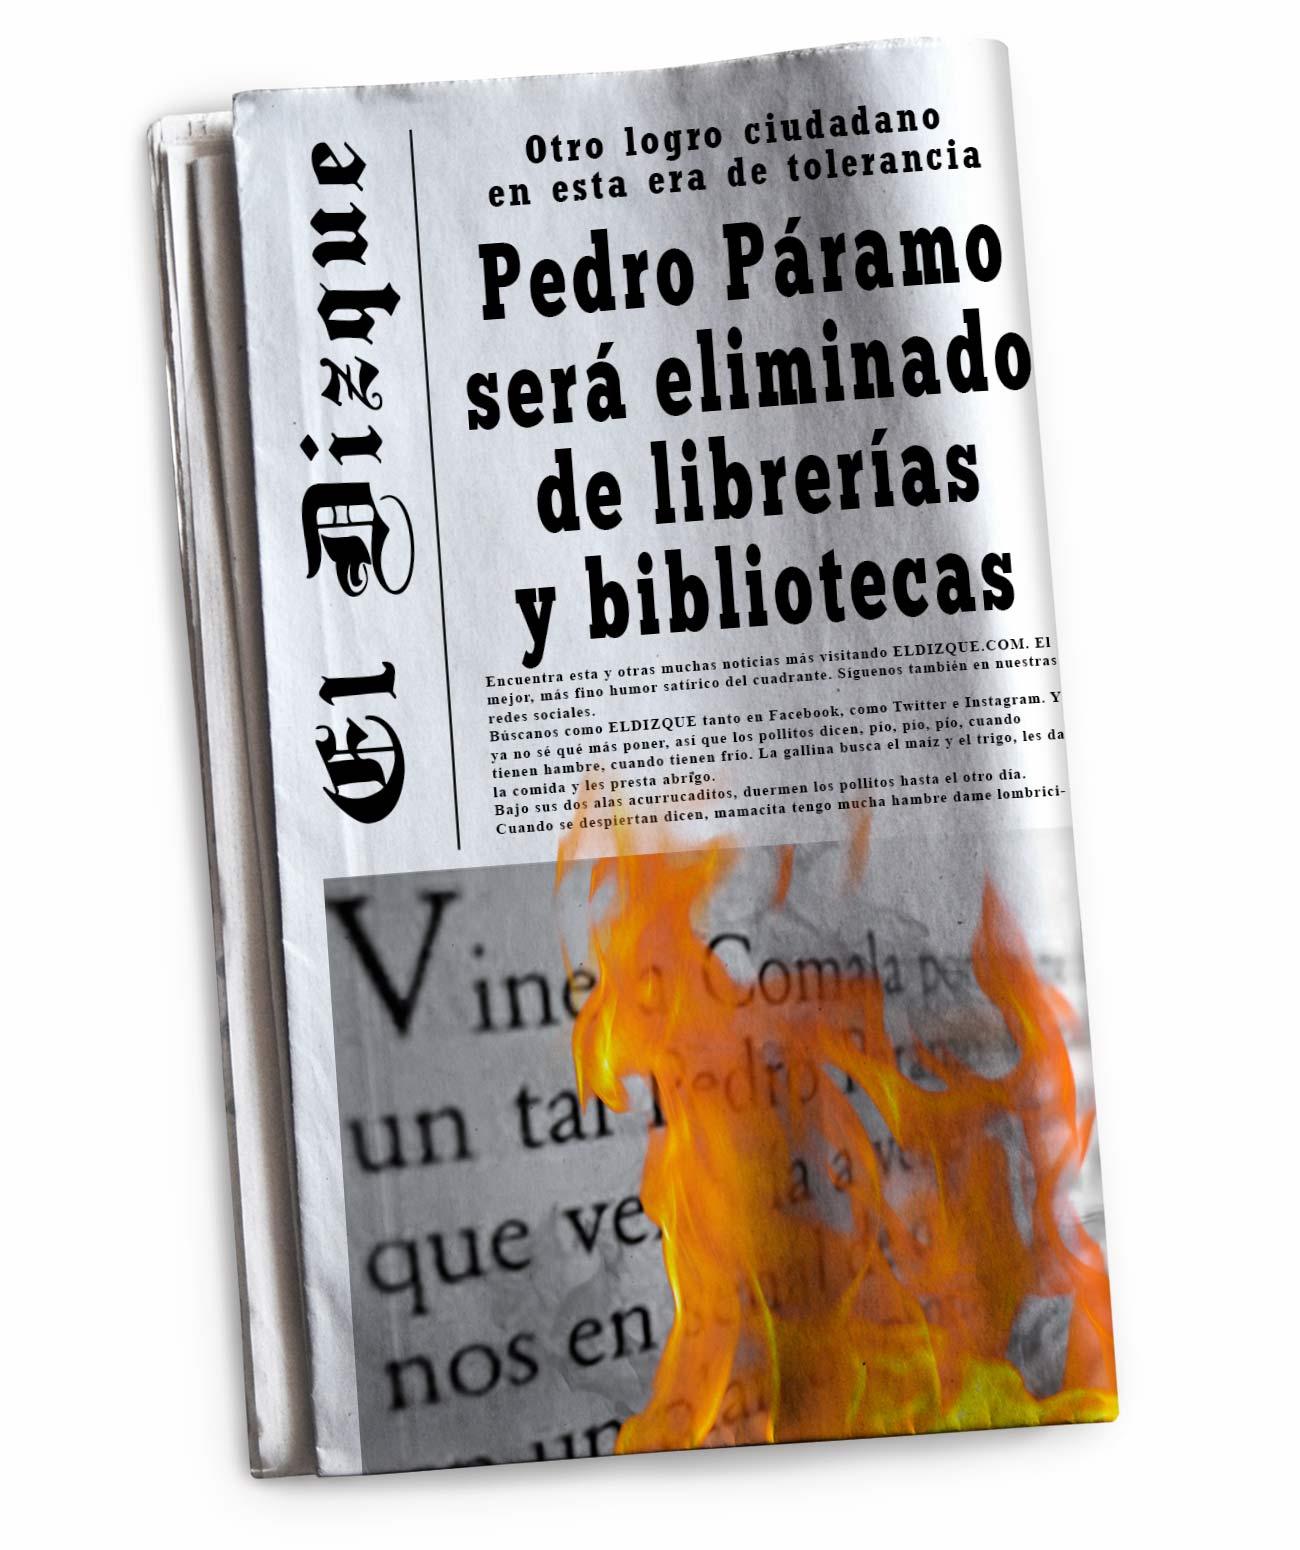 Otro logro ciudadano: Pedro Páramo será eliminado de librerías y bibliotecas 1